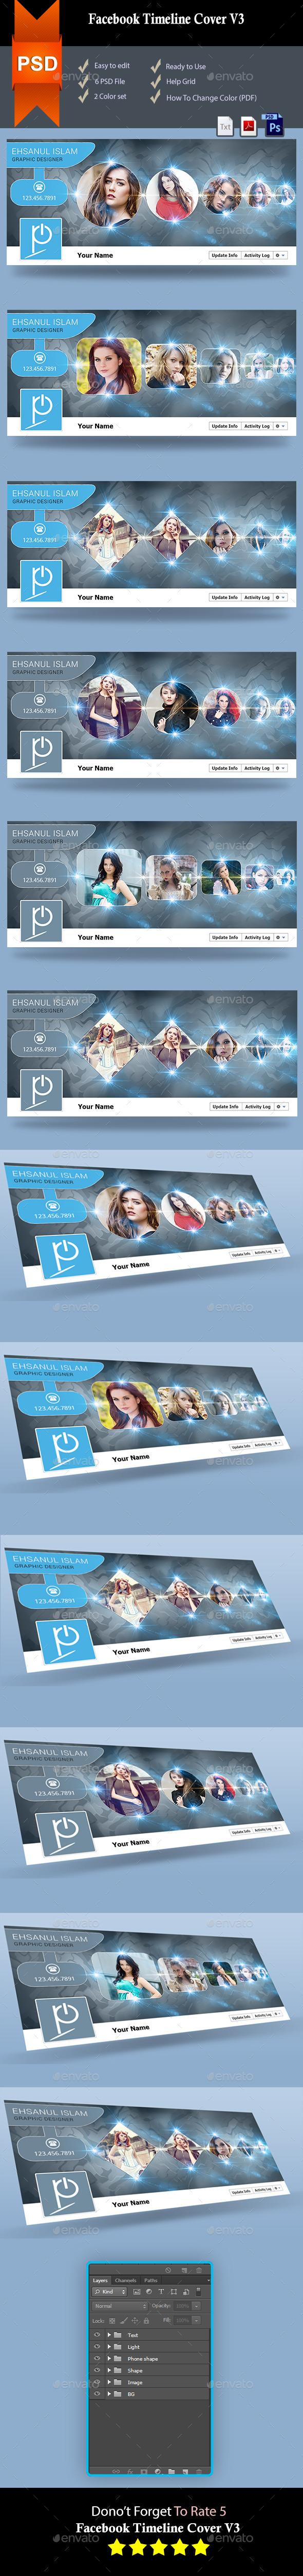 GraphicRiver Facebook Timeline Cover V3 8976833